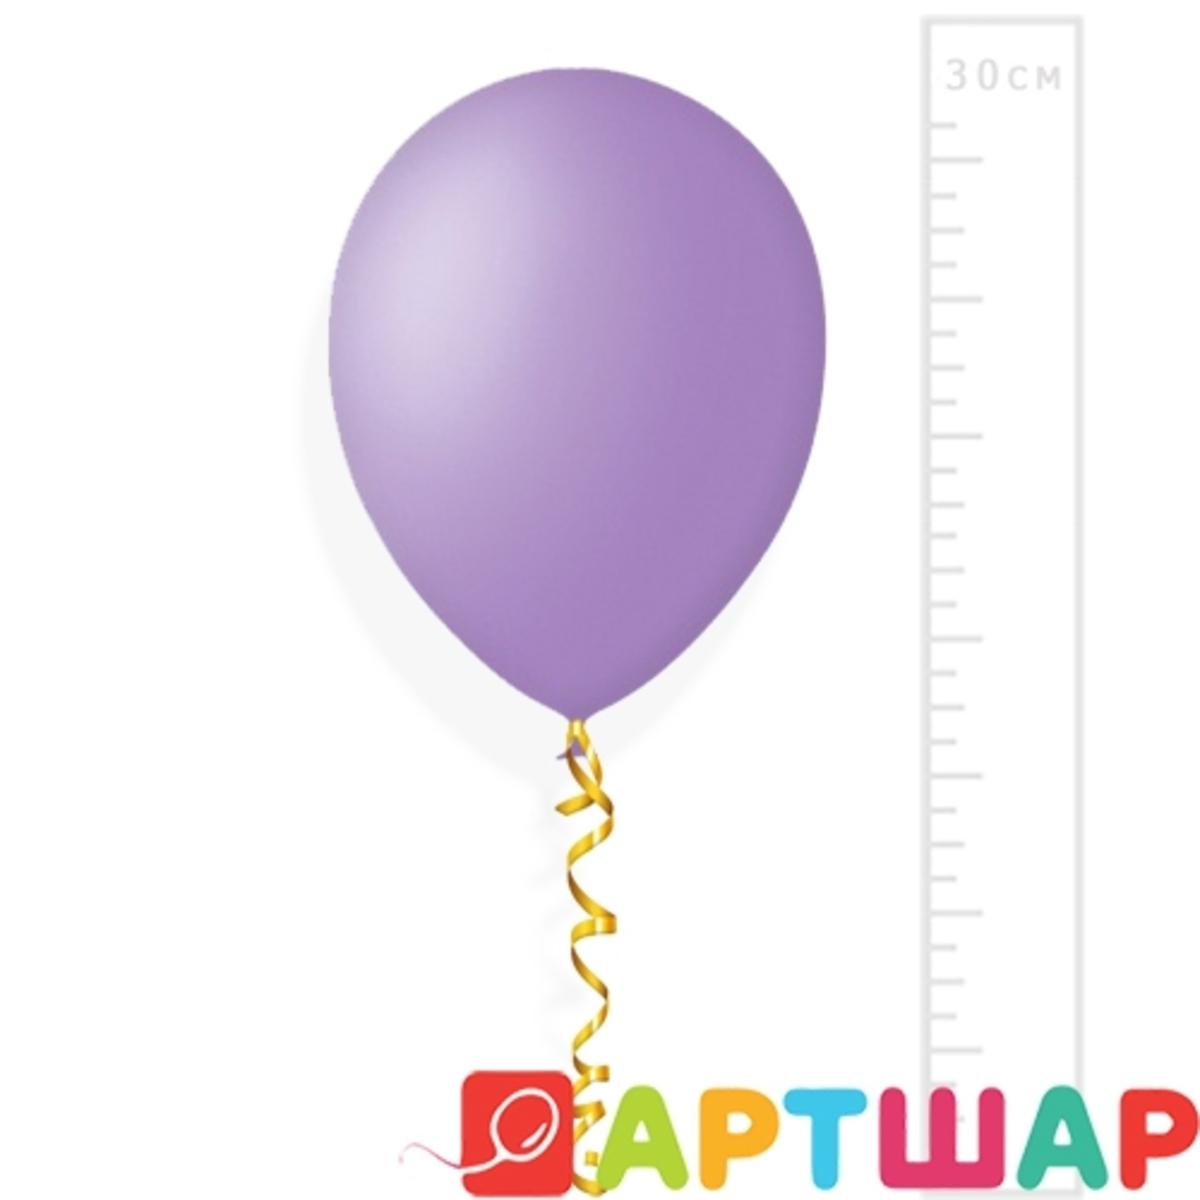 пожелания к фиолетовому шарику свадебные специалисты, такие